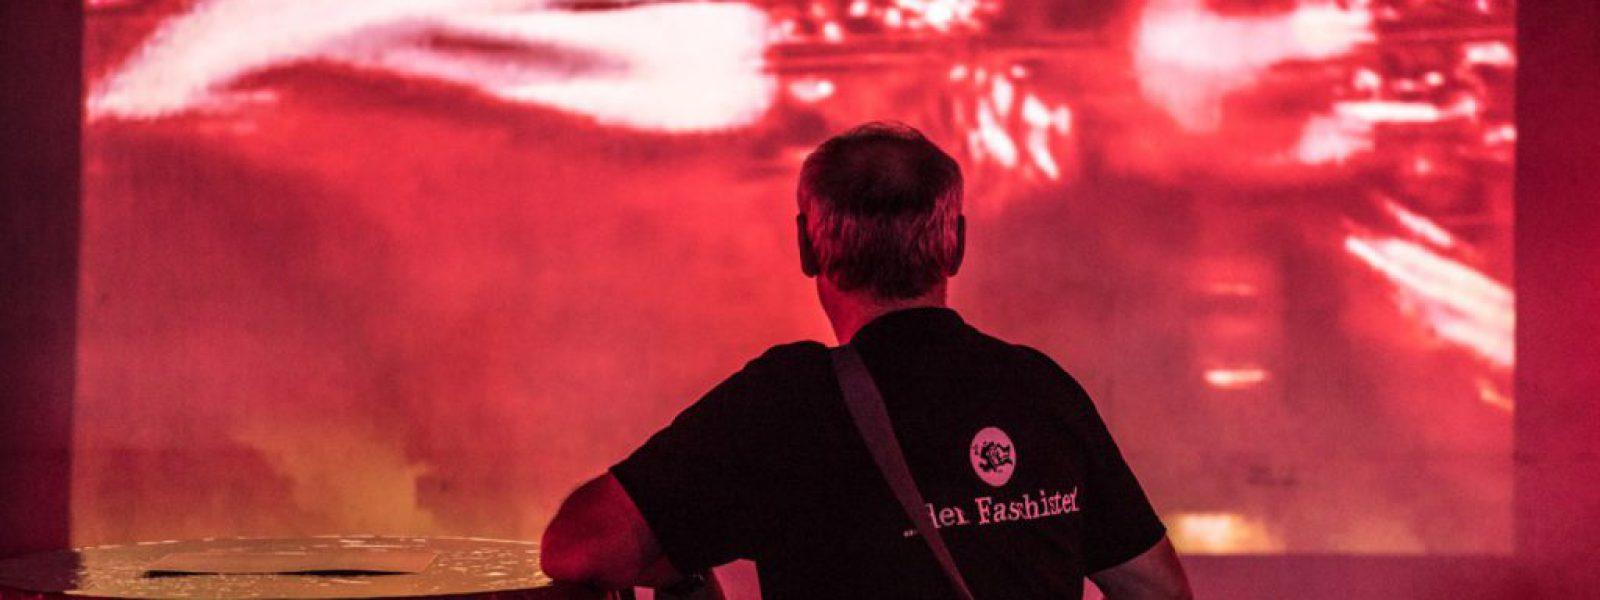 Vernissage Thorsten Baering (Foto Sabrina Adeline Nagel) - 17